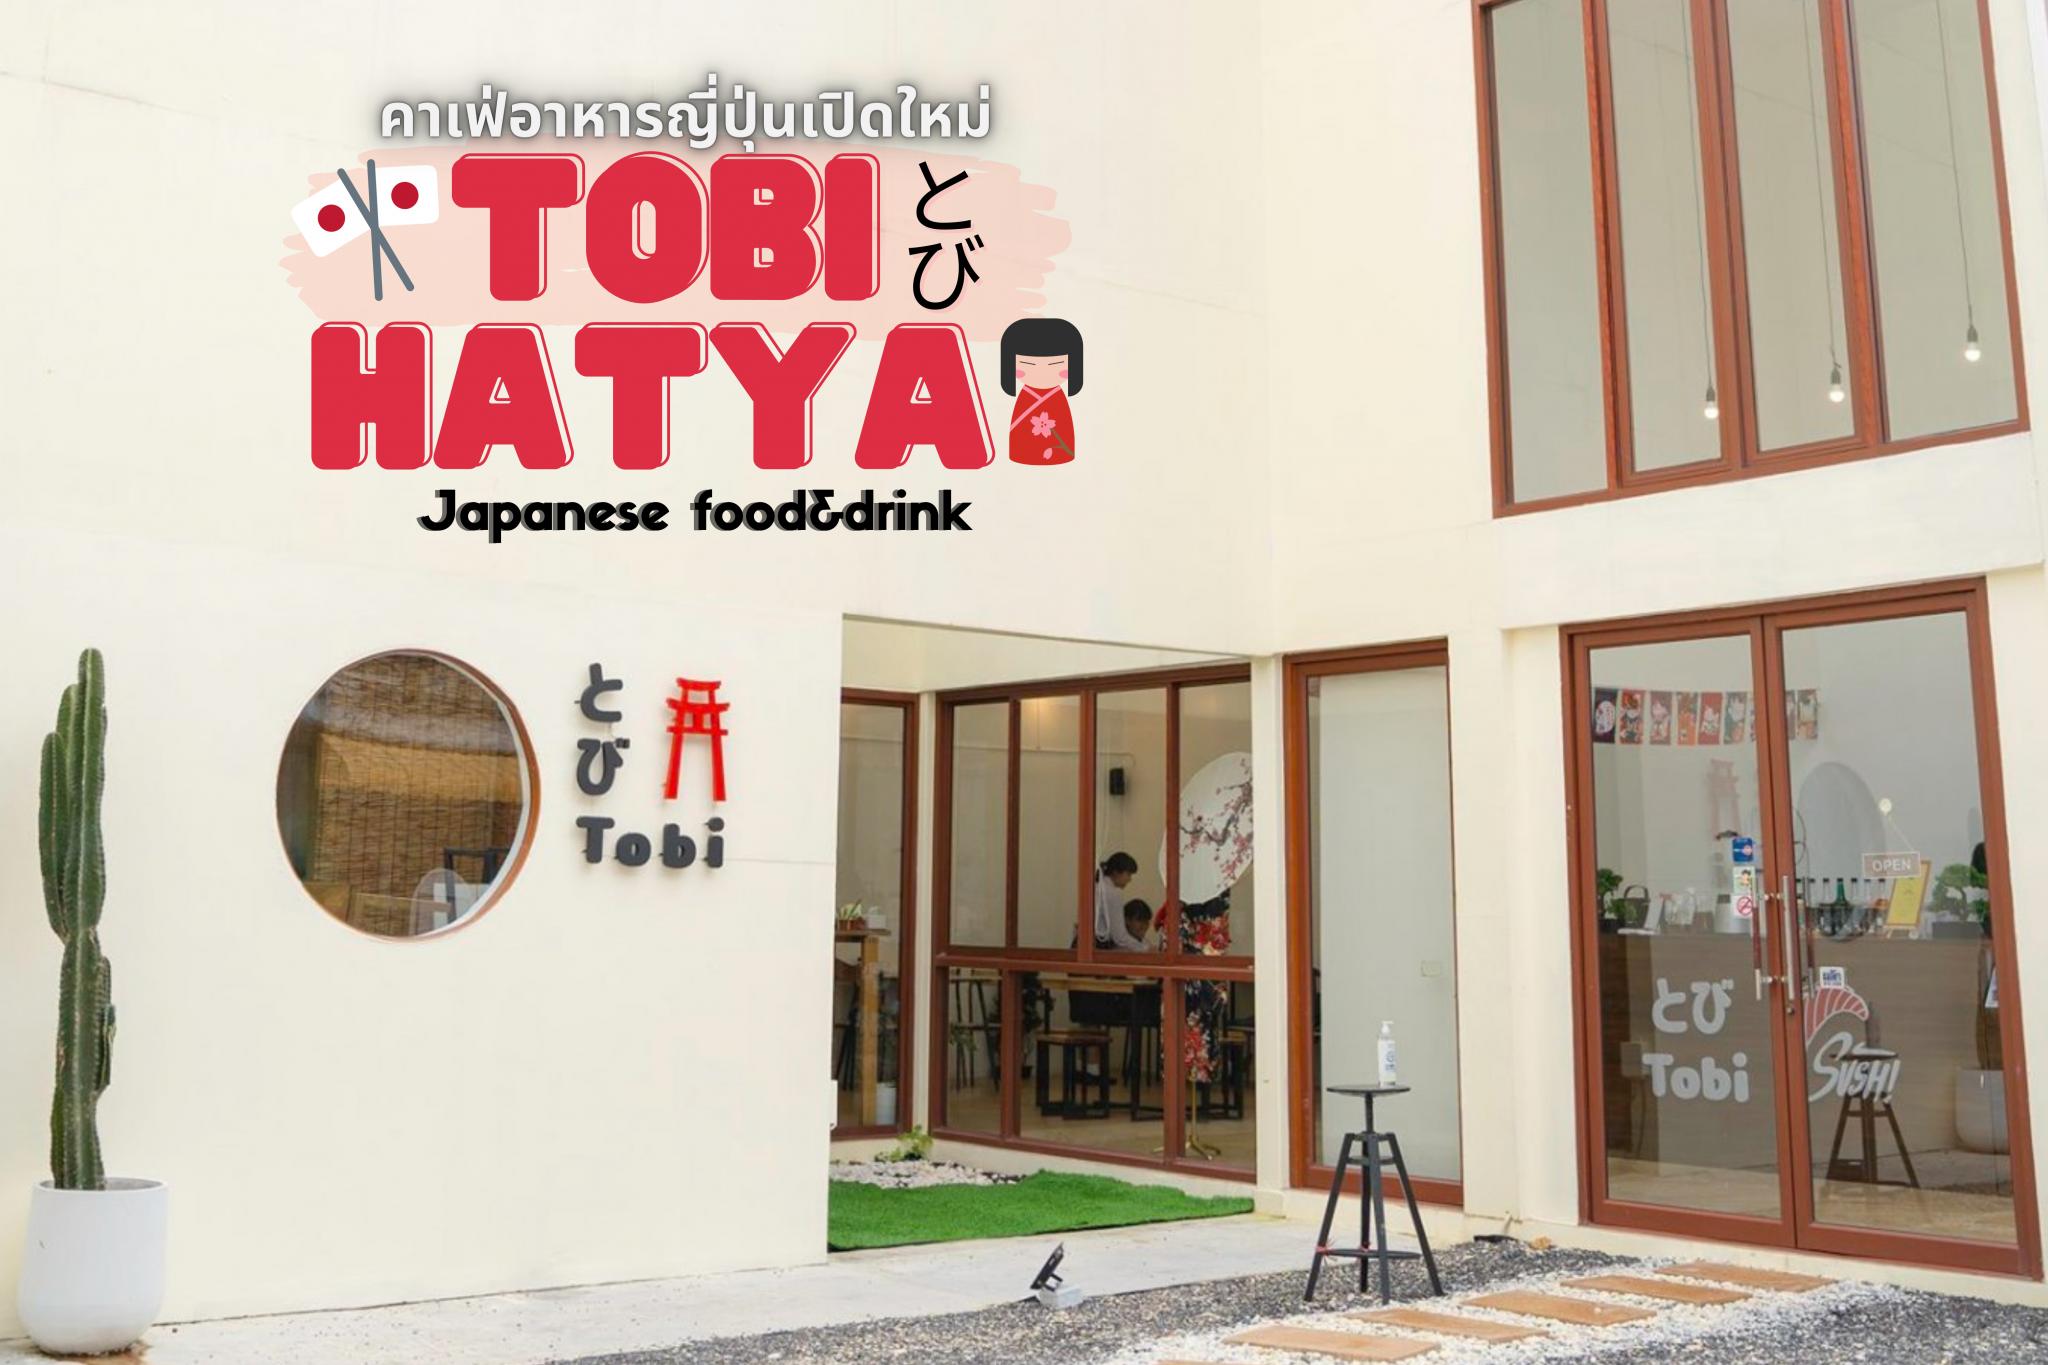 Tobi Hatyai Japanese